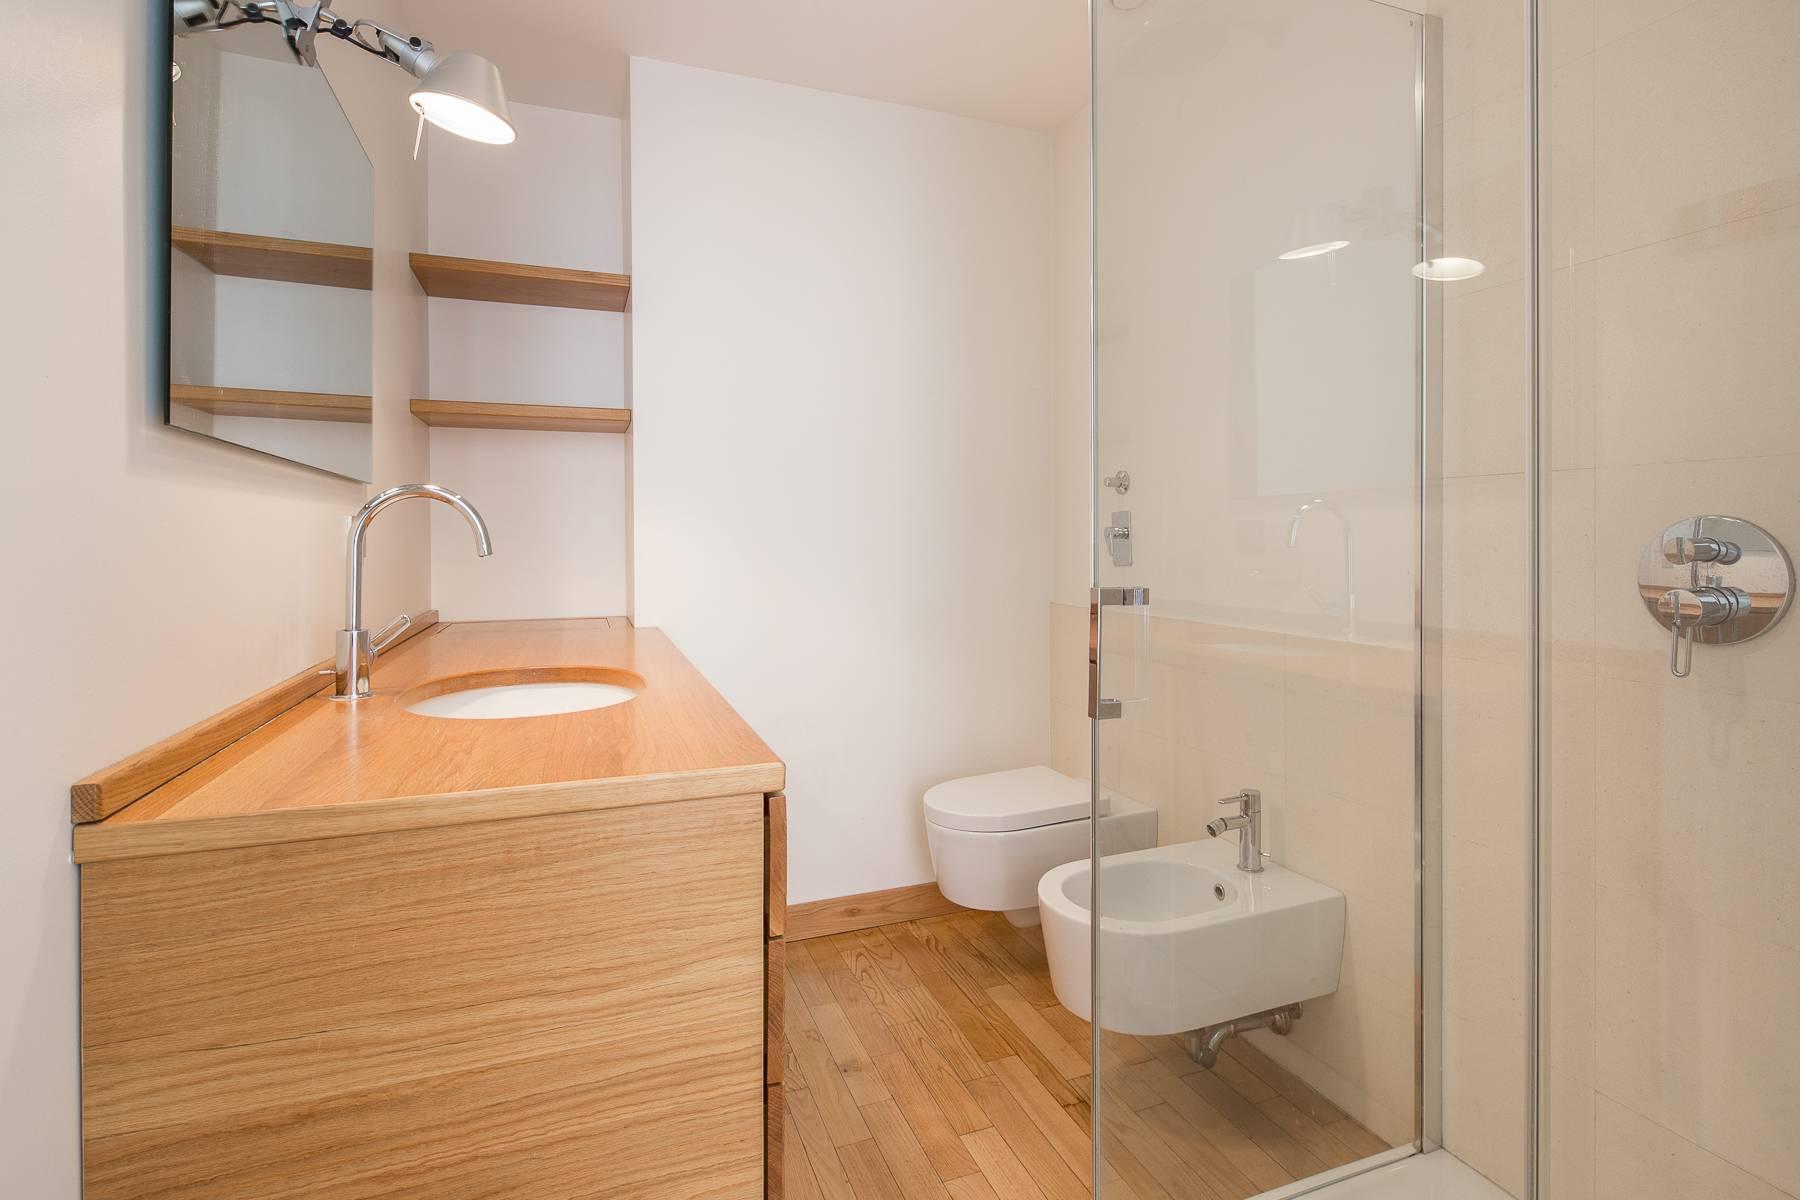 Appartamento in Affitto a Milano: 2 locali, 50 mq - Foto 23